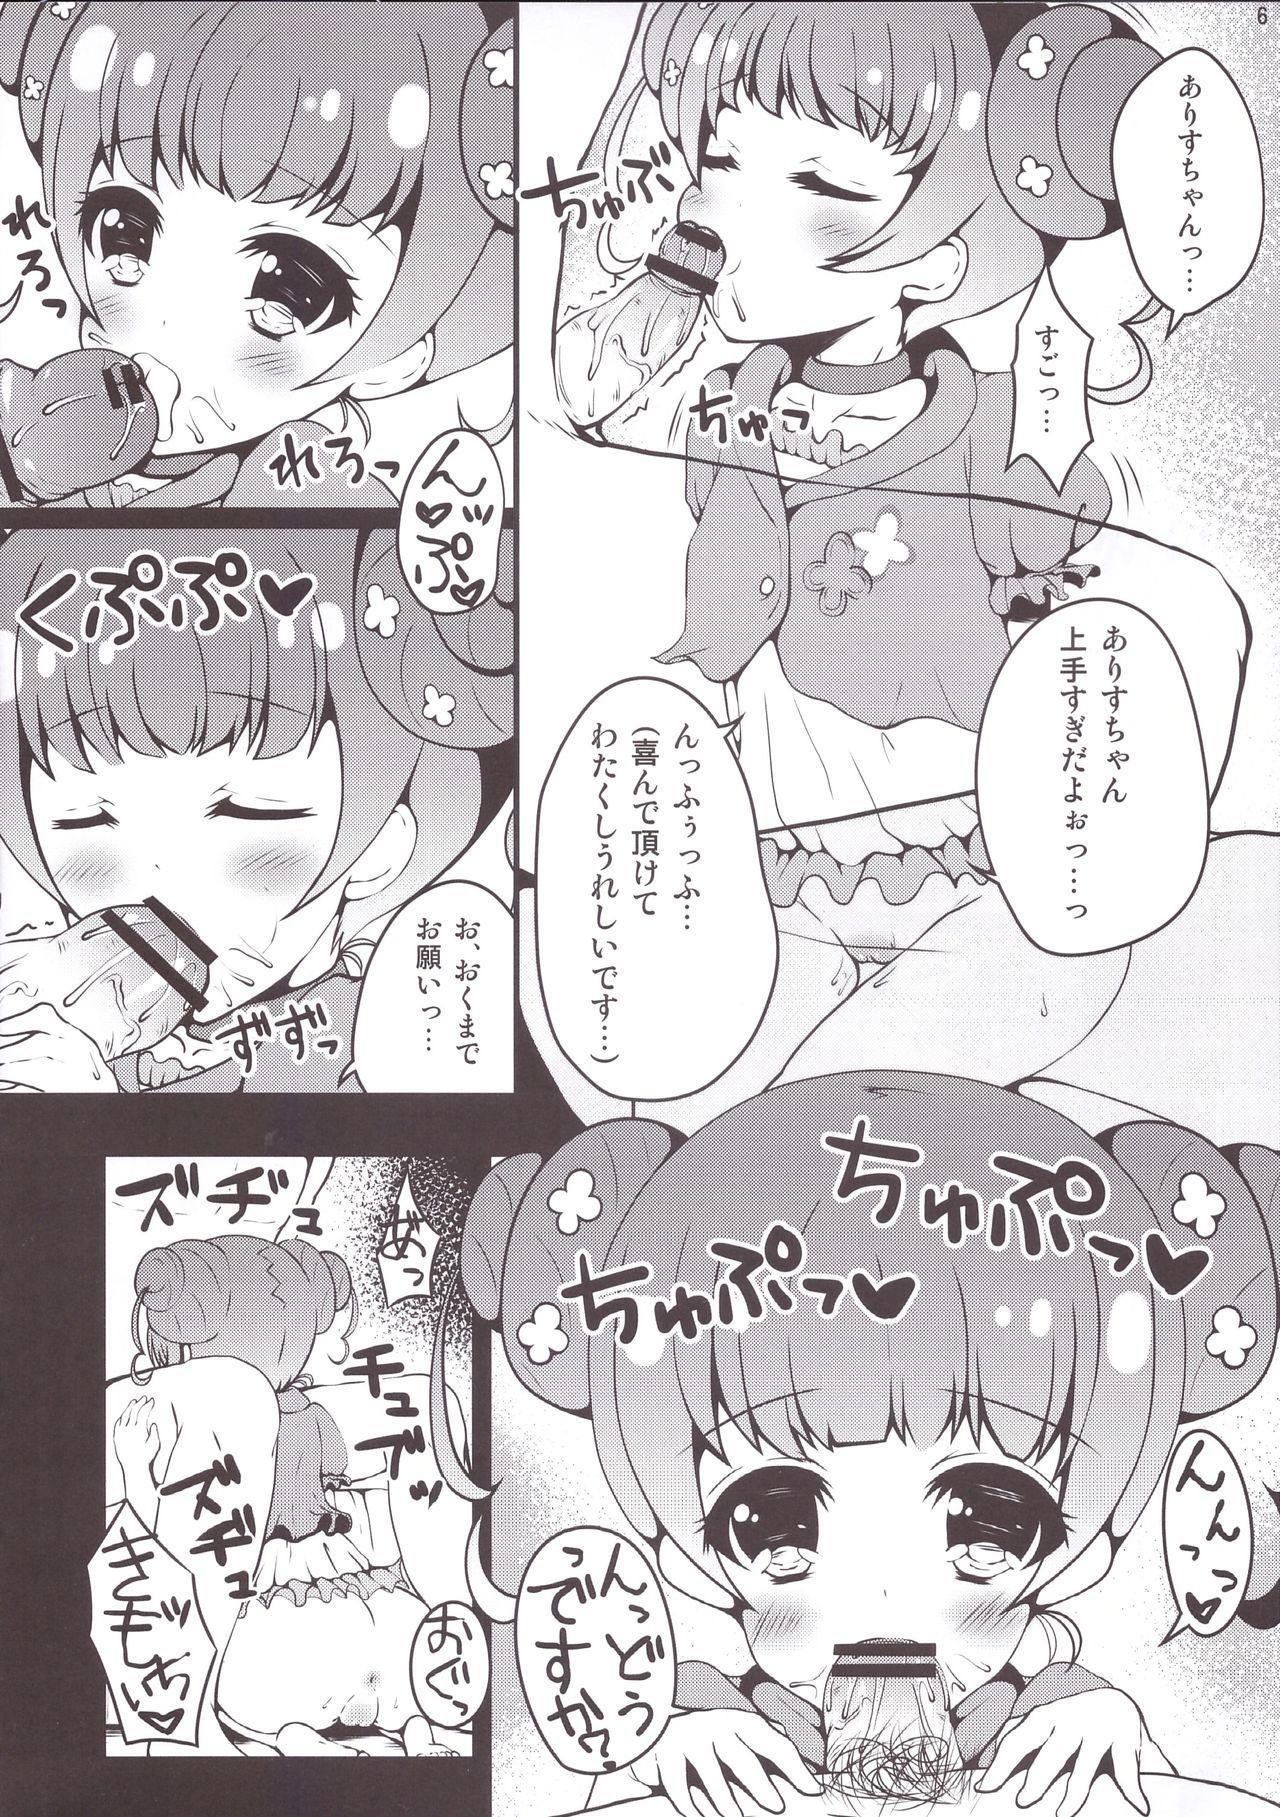 Arisu-chan to dokidoki shitai! 7